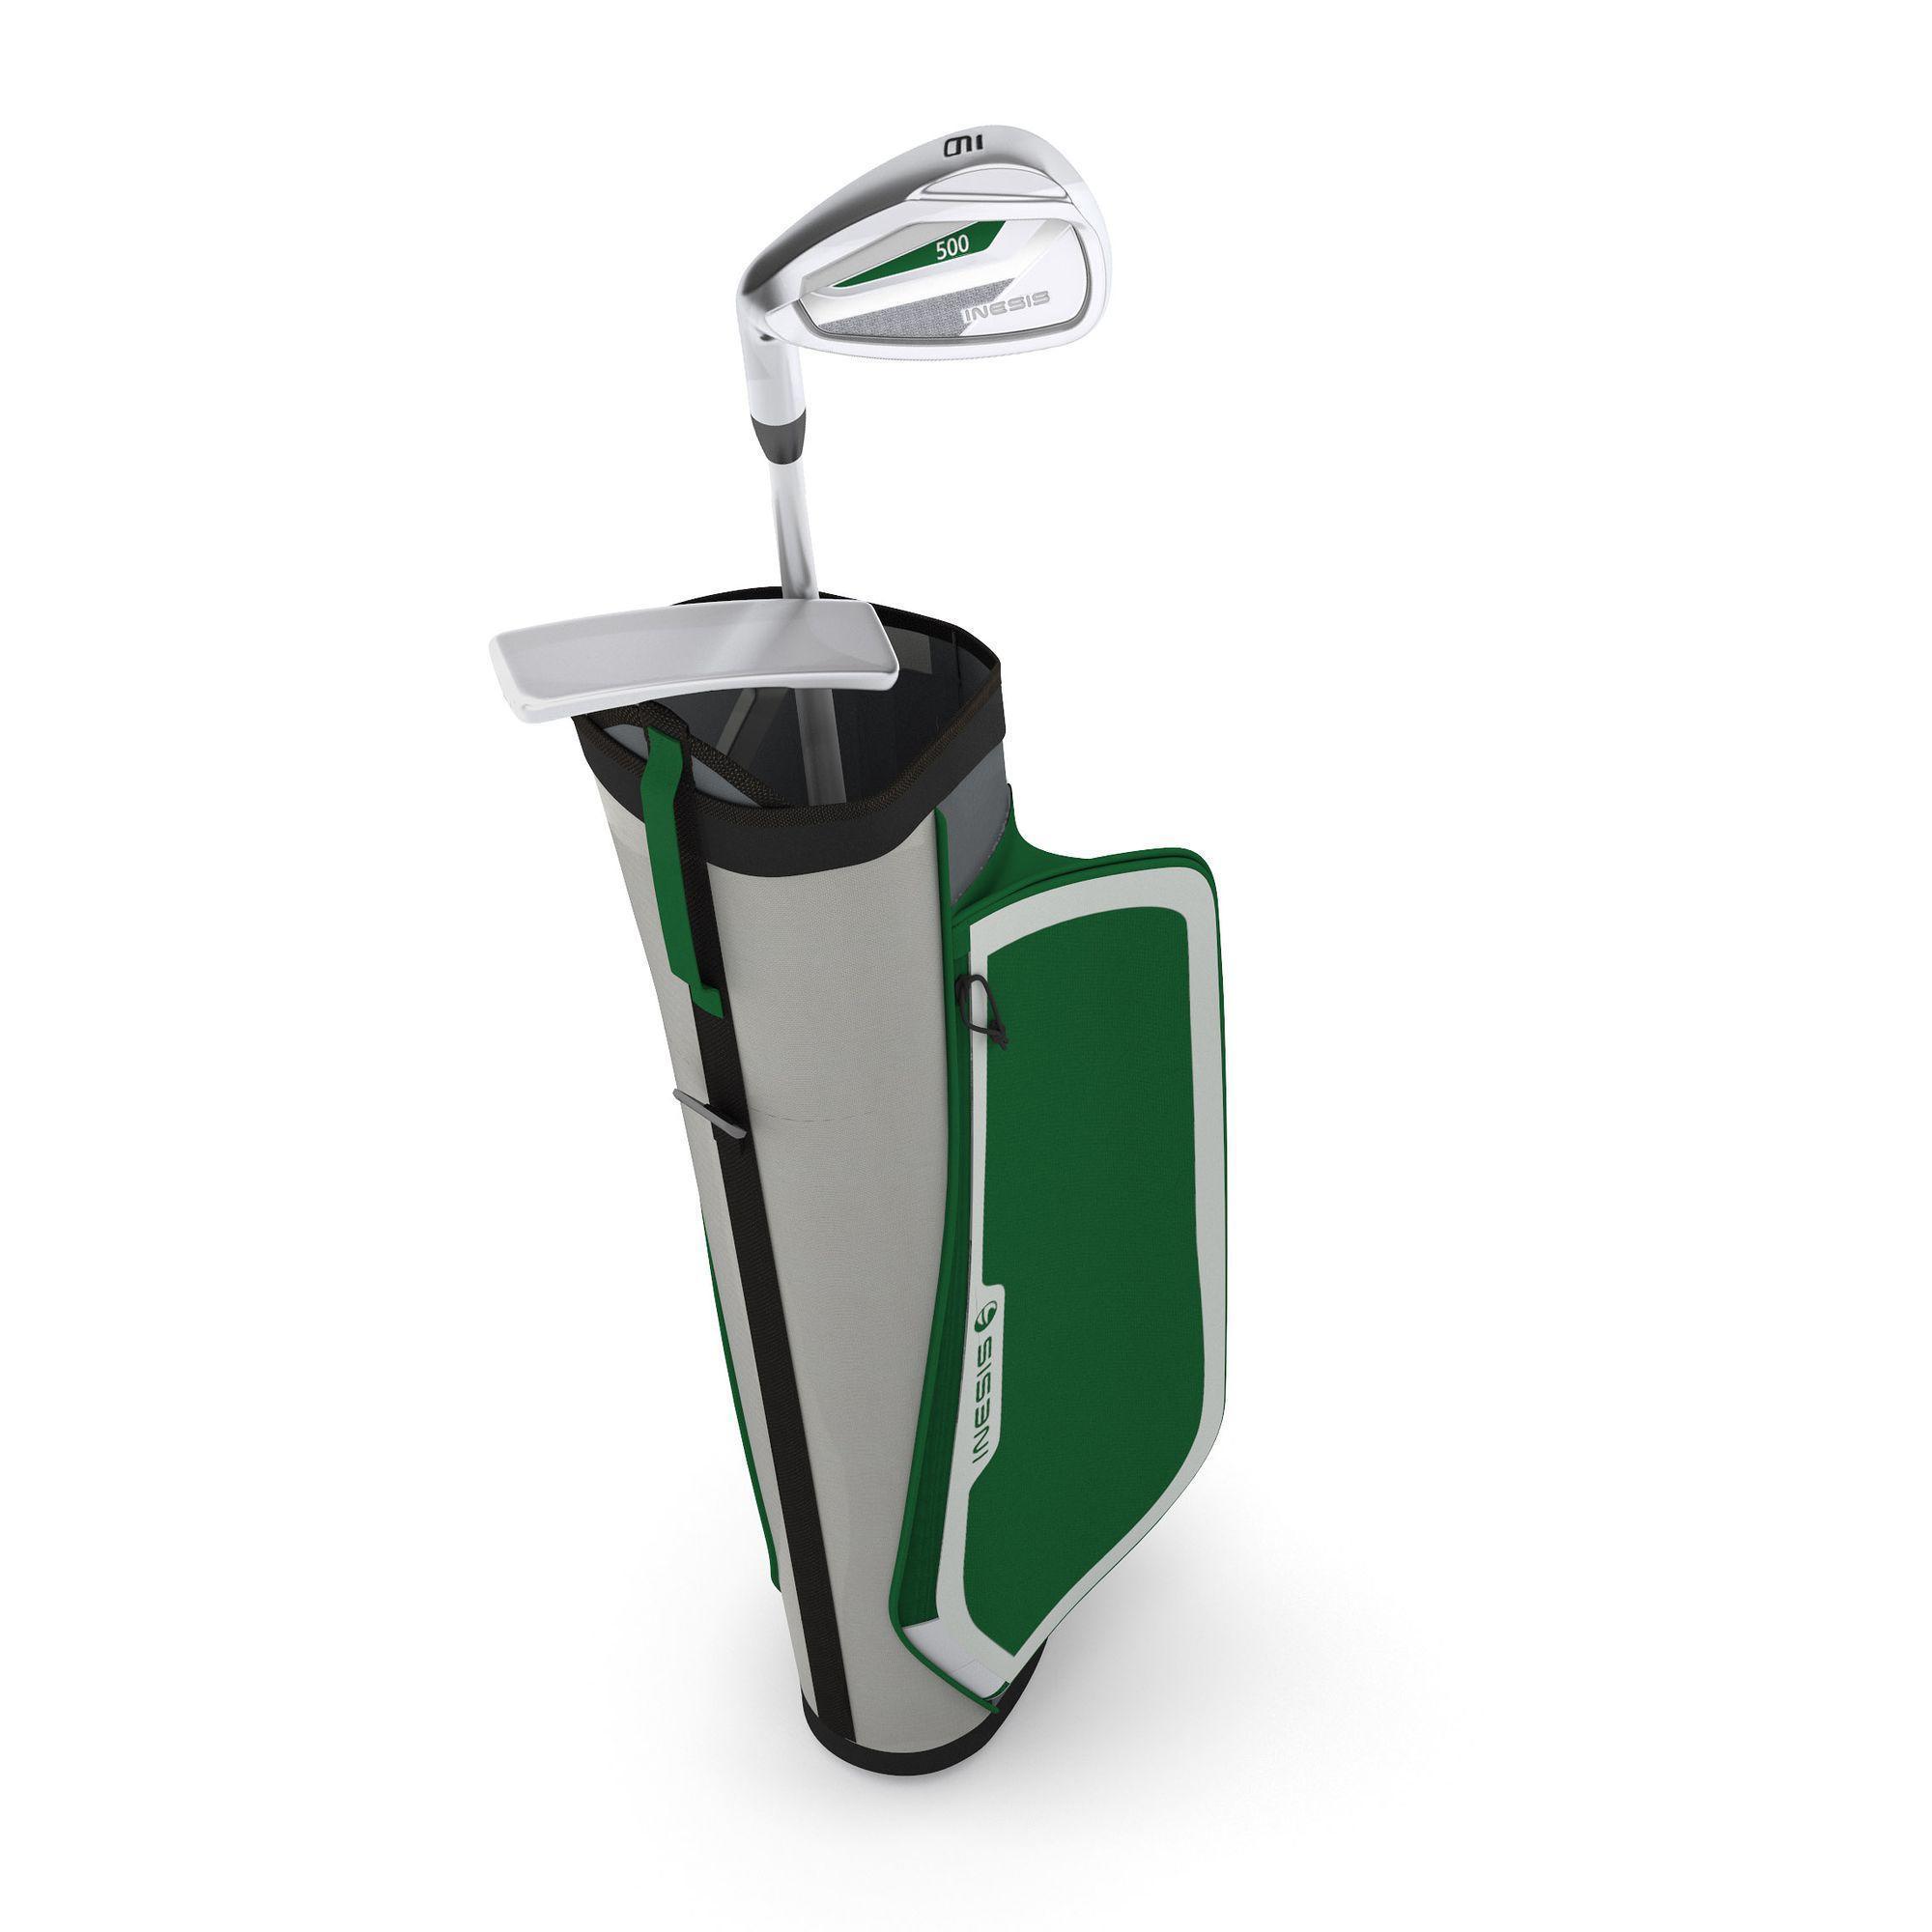 kit de golf enfant 5 7 ans gaucher 500 inesis golf. Black Bedroom Furniture Sets. Home Design Ideas